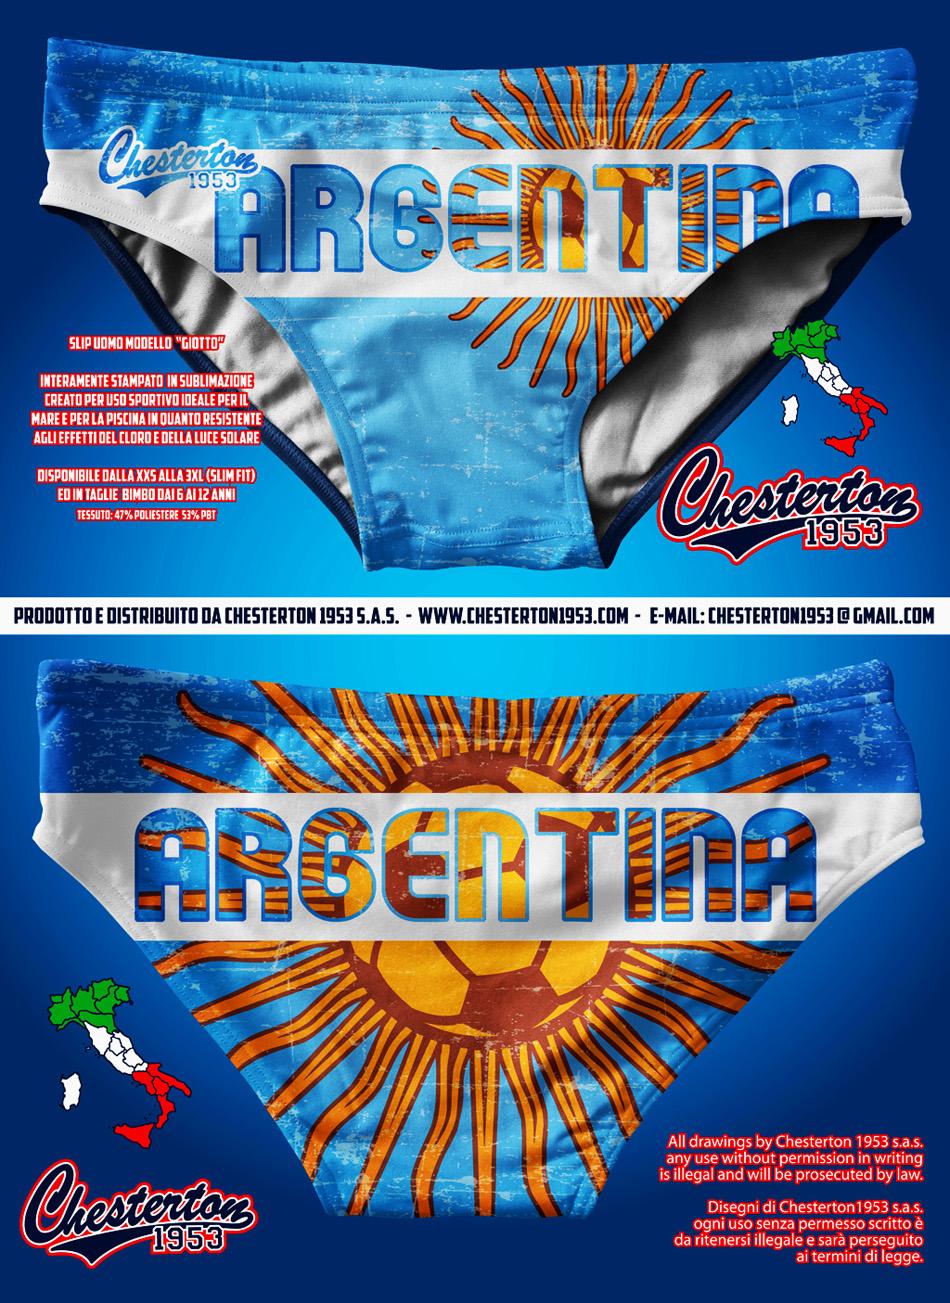 soccer 2014 slip argentina.jpg